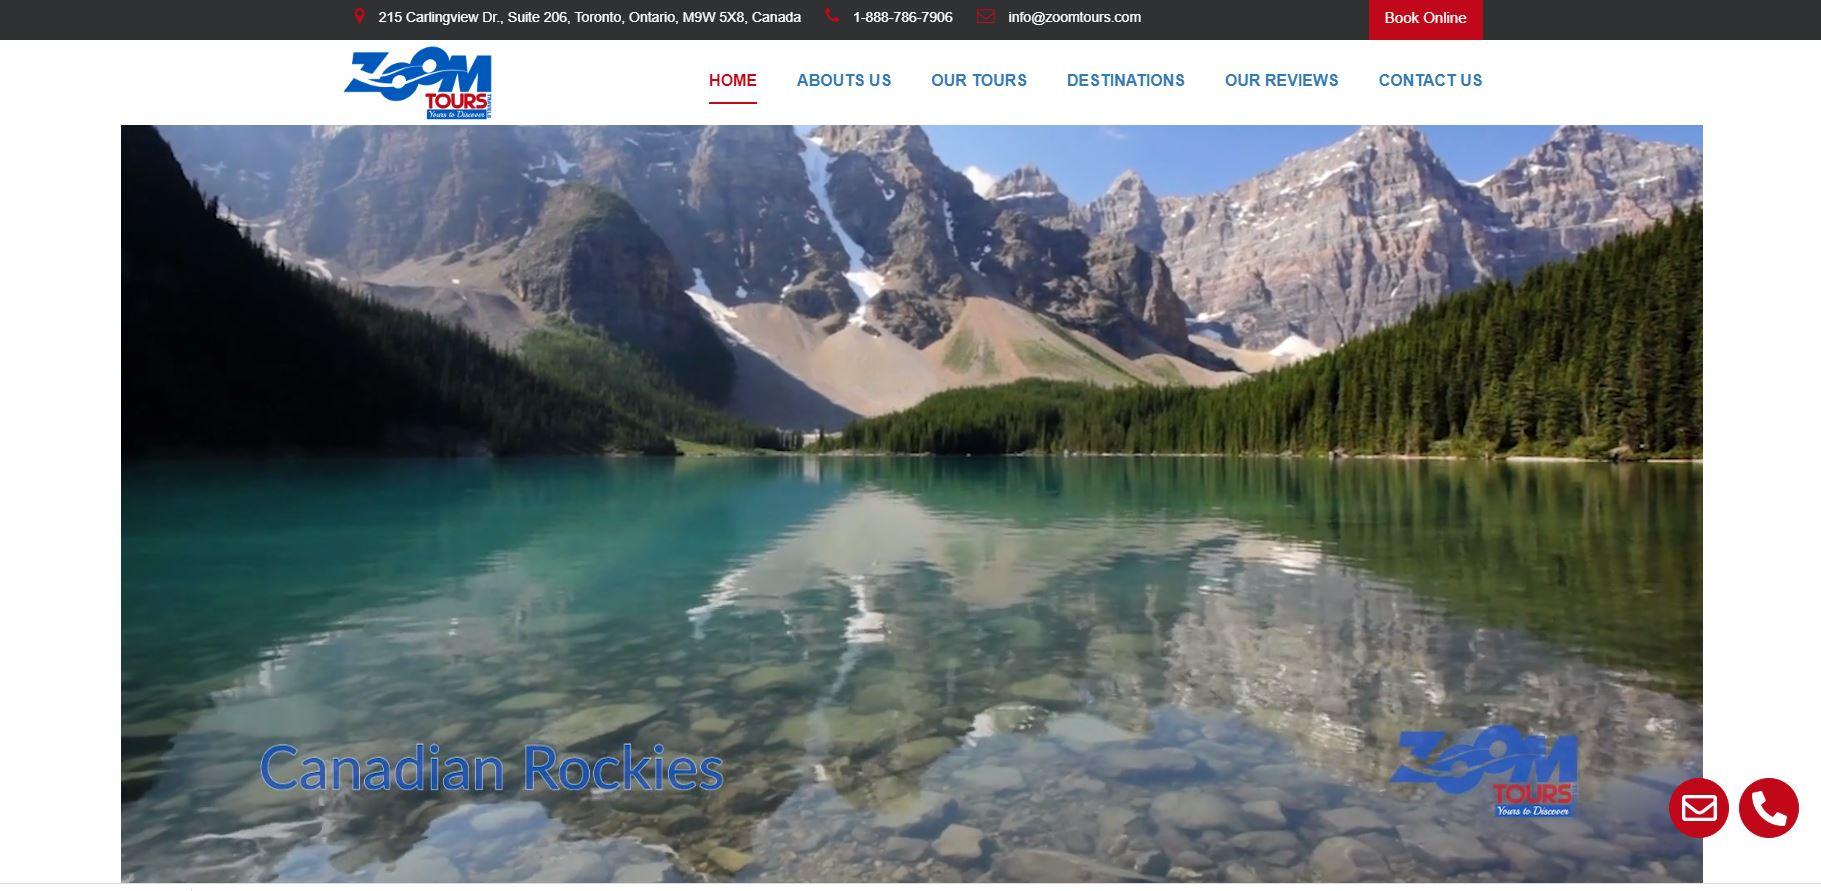 Zoom Tours website